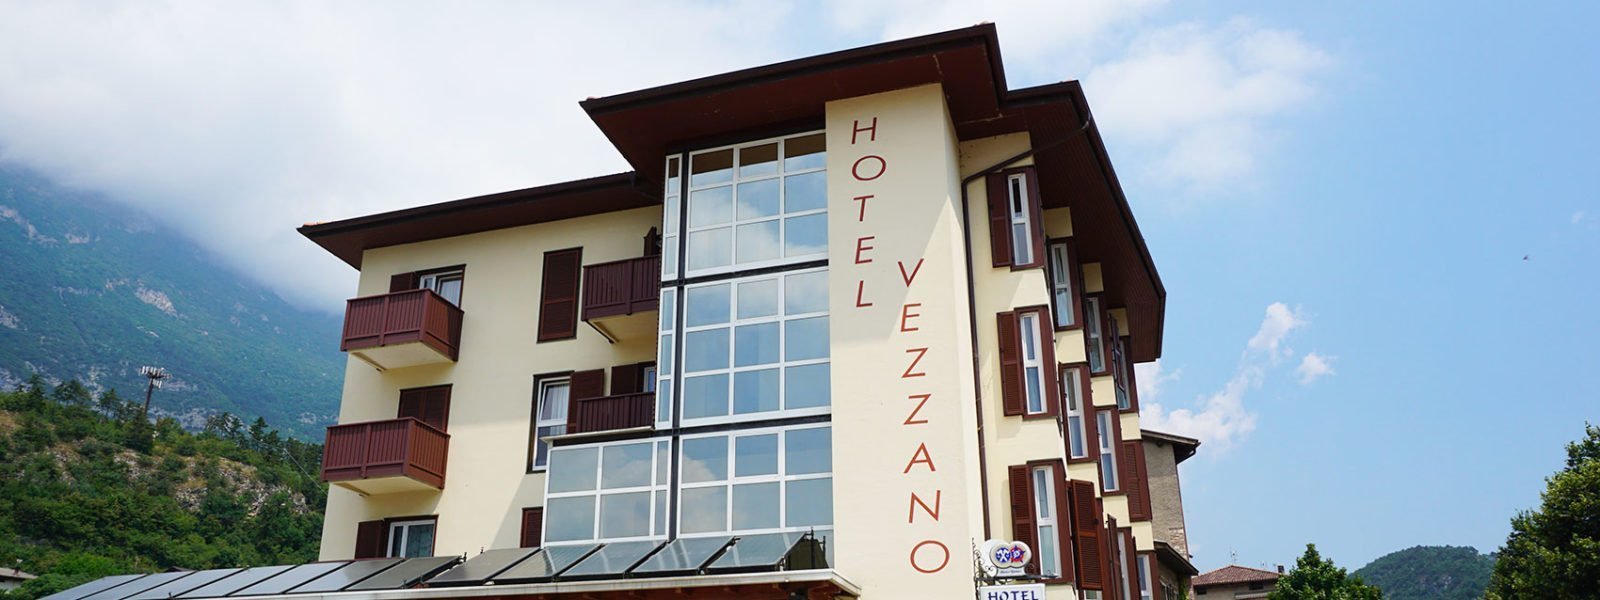 Hotel Vezzano in Trentino